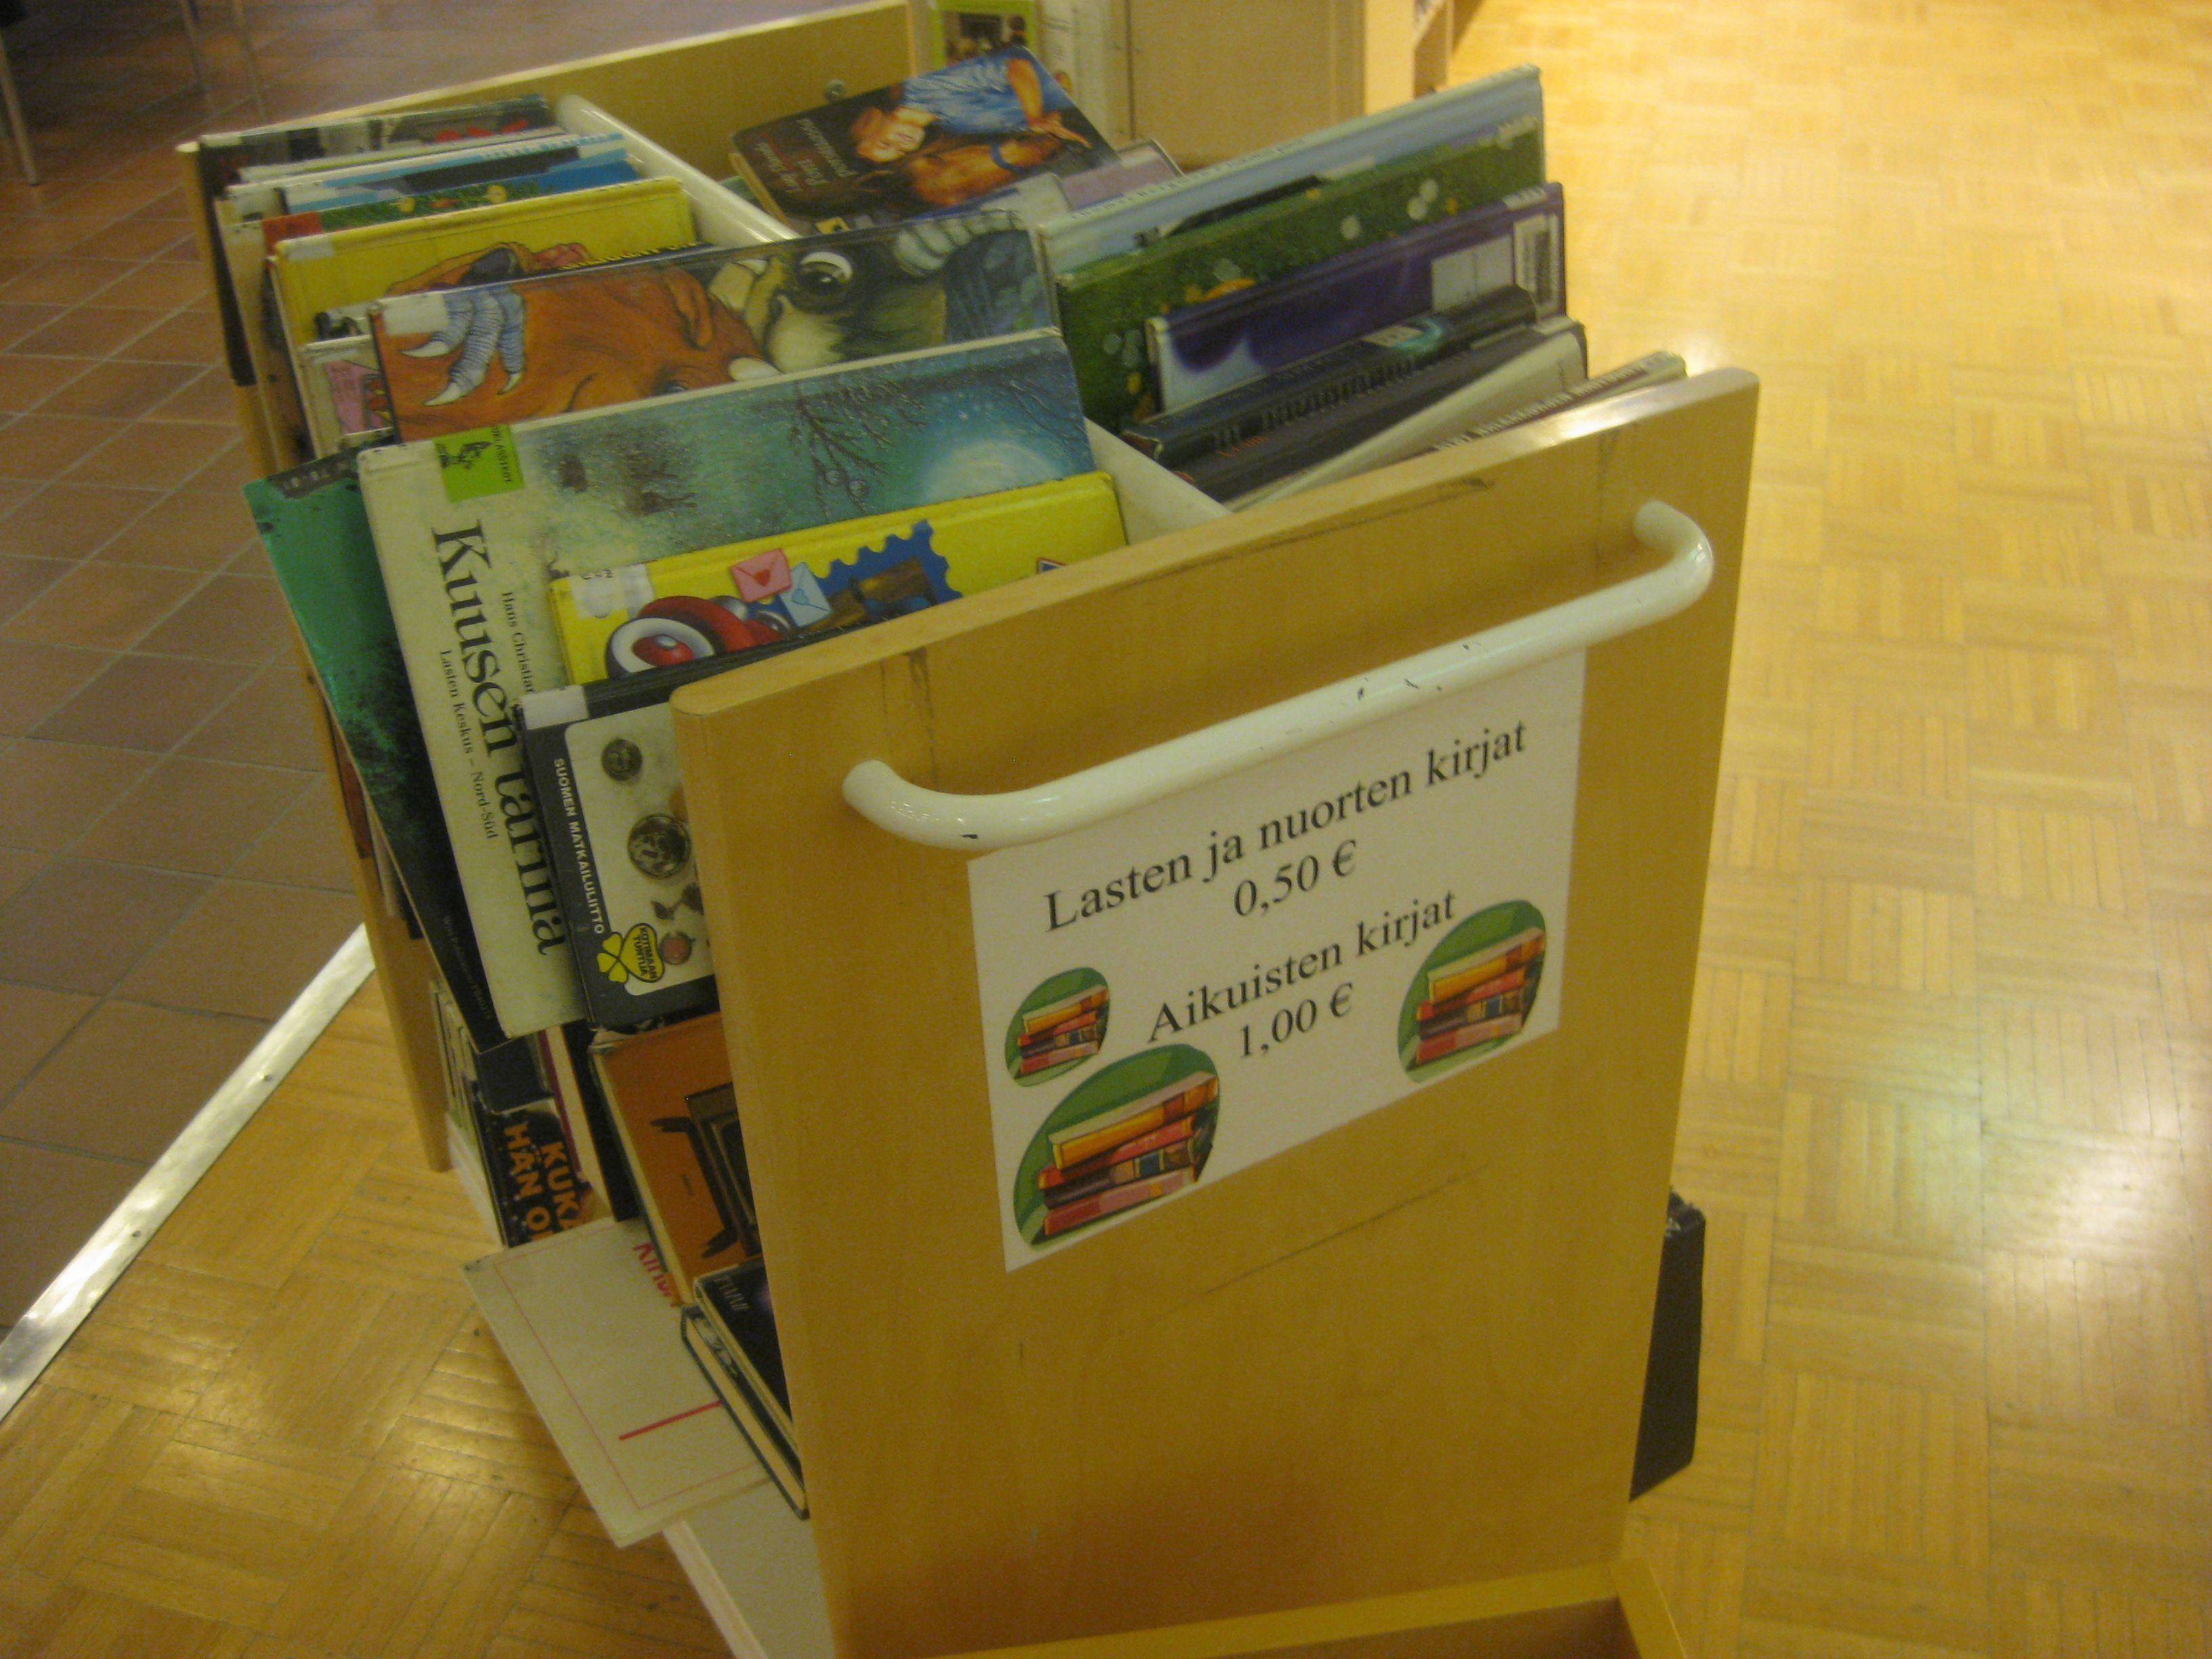 Keskellä kirjastoa ja juuri nojatuolien vieressä näitä on hauska selailla, joten kauppa varmasti käy.